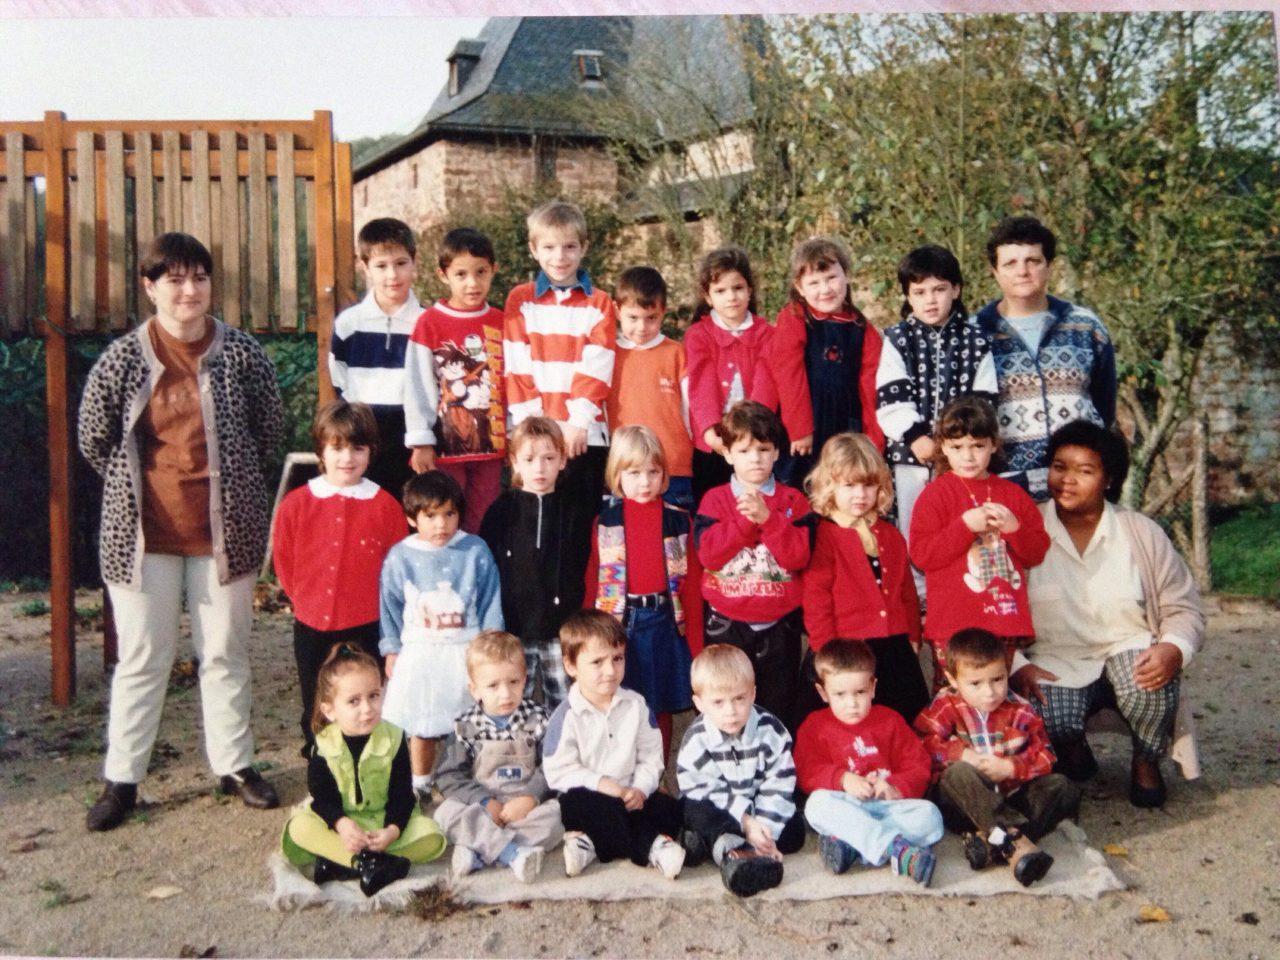 1997-1998 Villecomtal